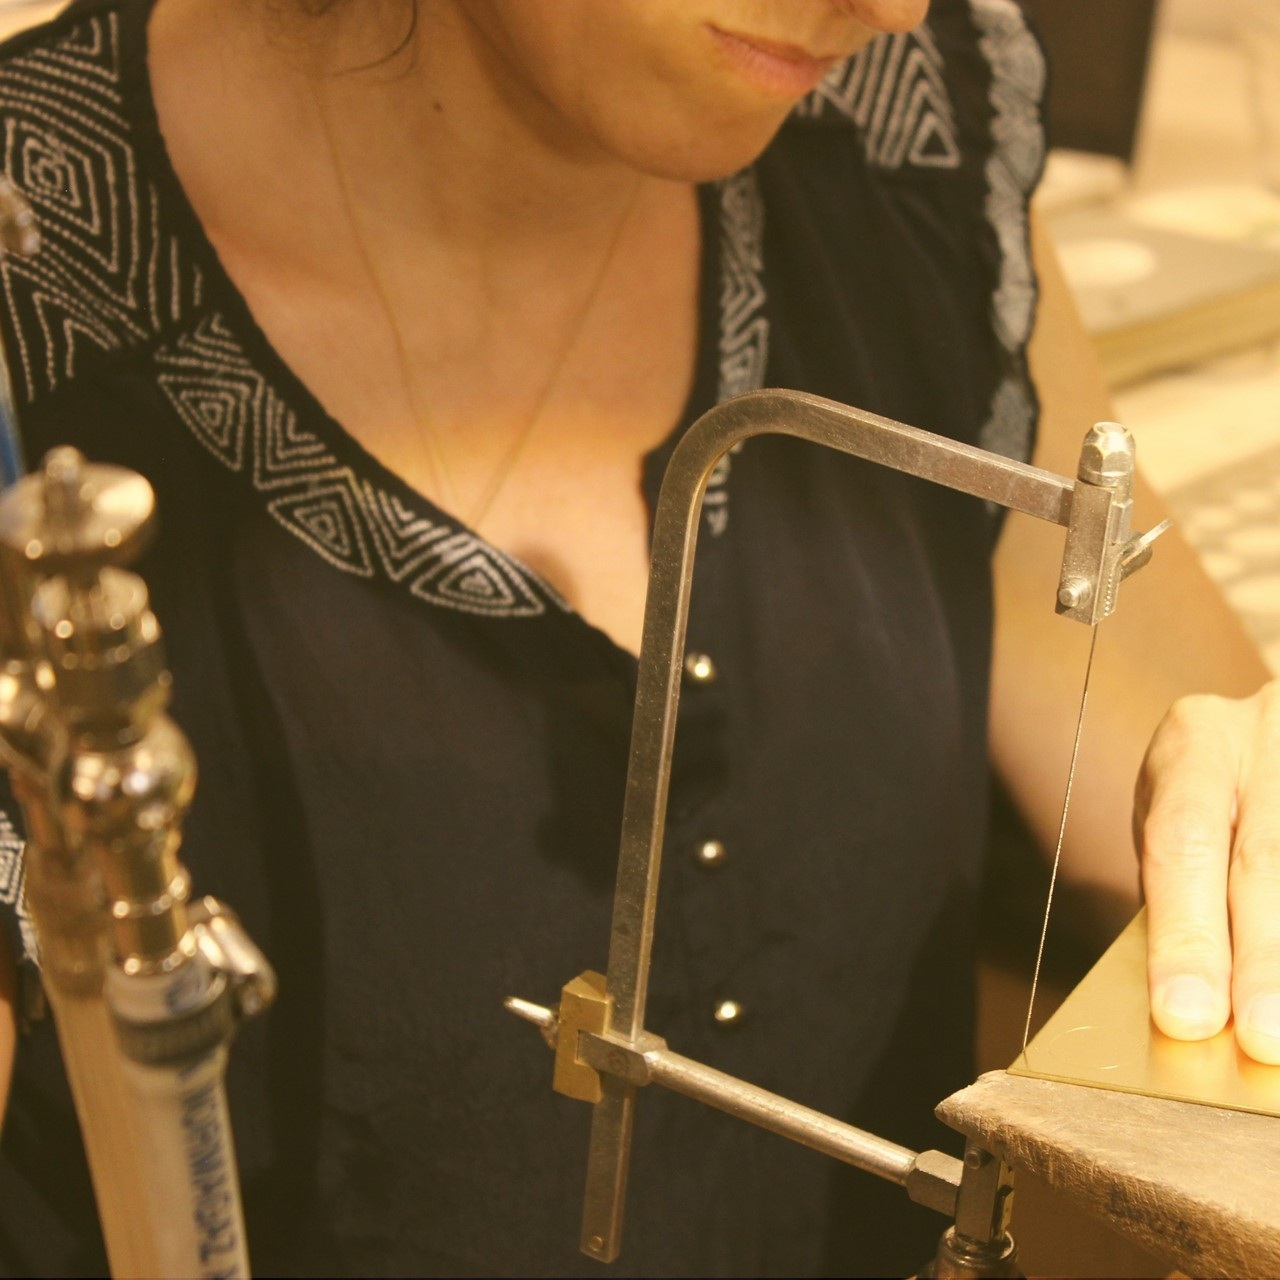 Forme du bijou : découpe du métal au bocfil